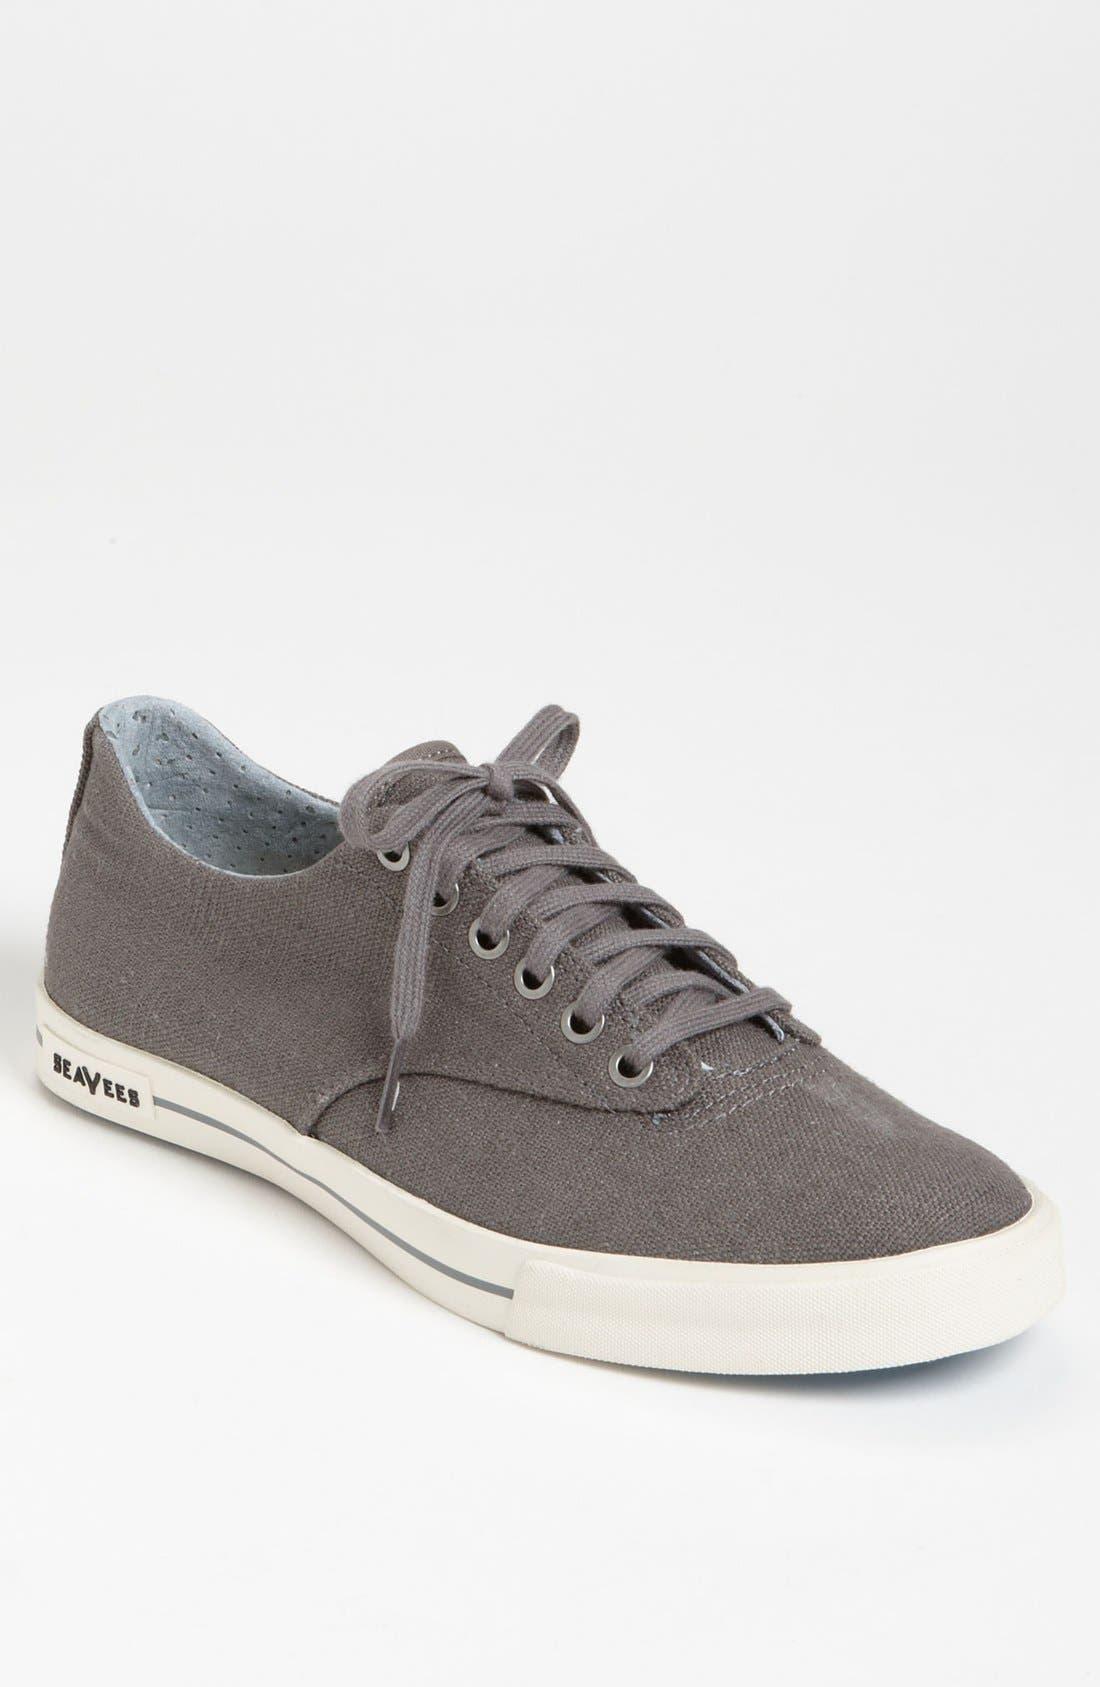 SeaVees 'Hermosa Plimsoll' Sneaker